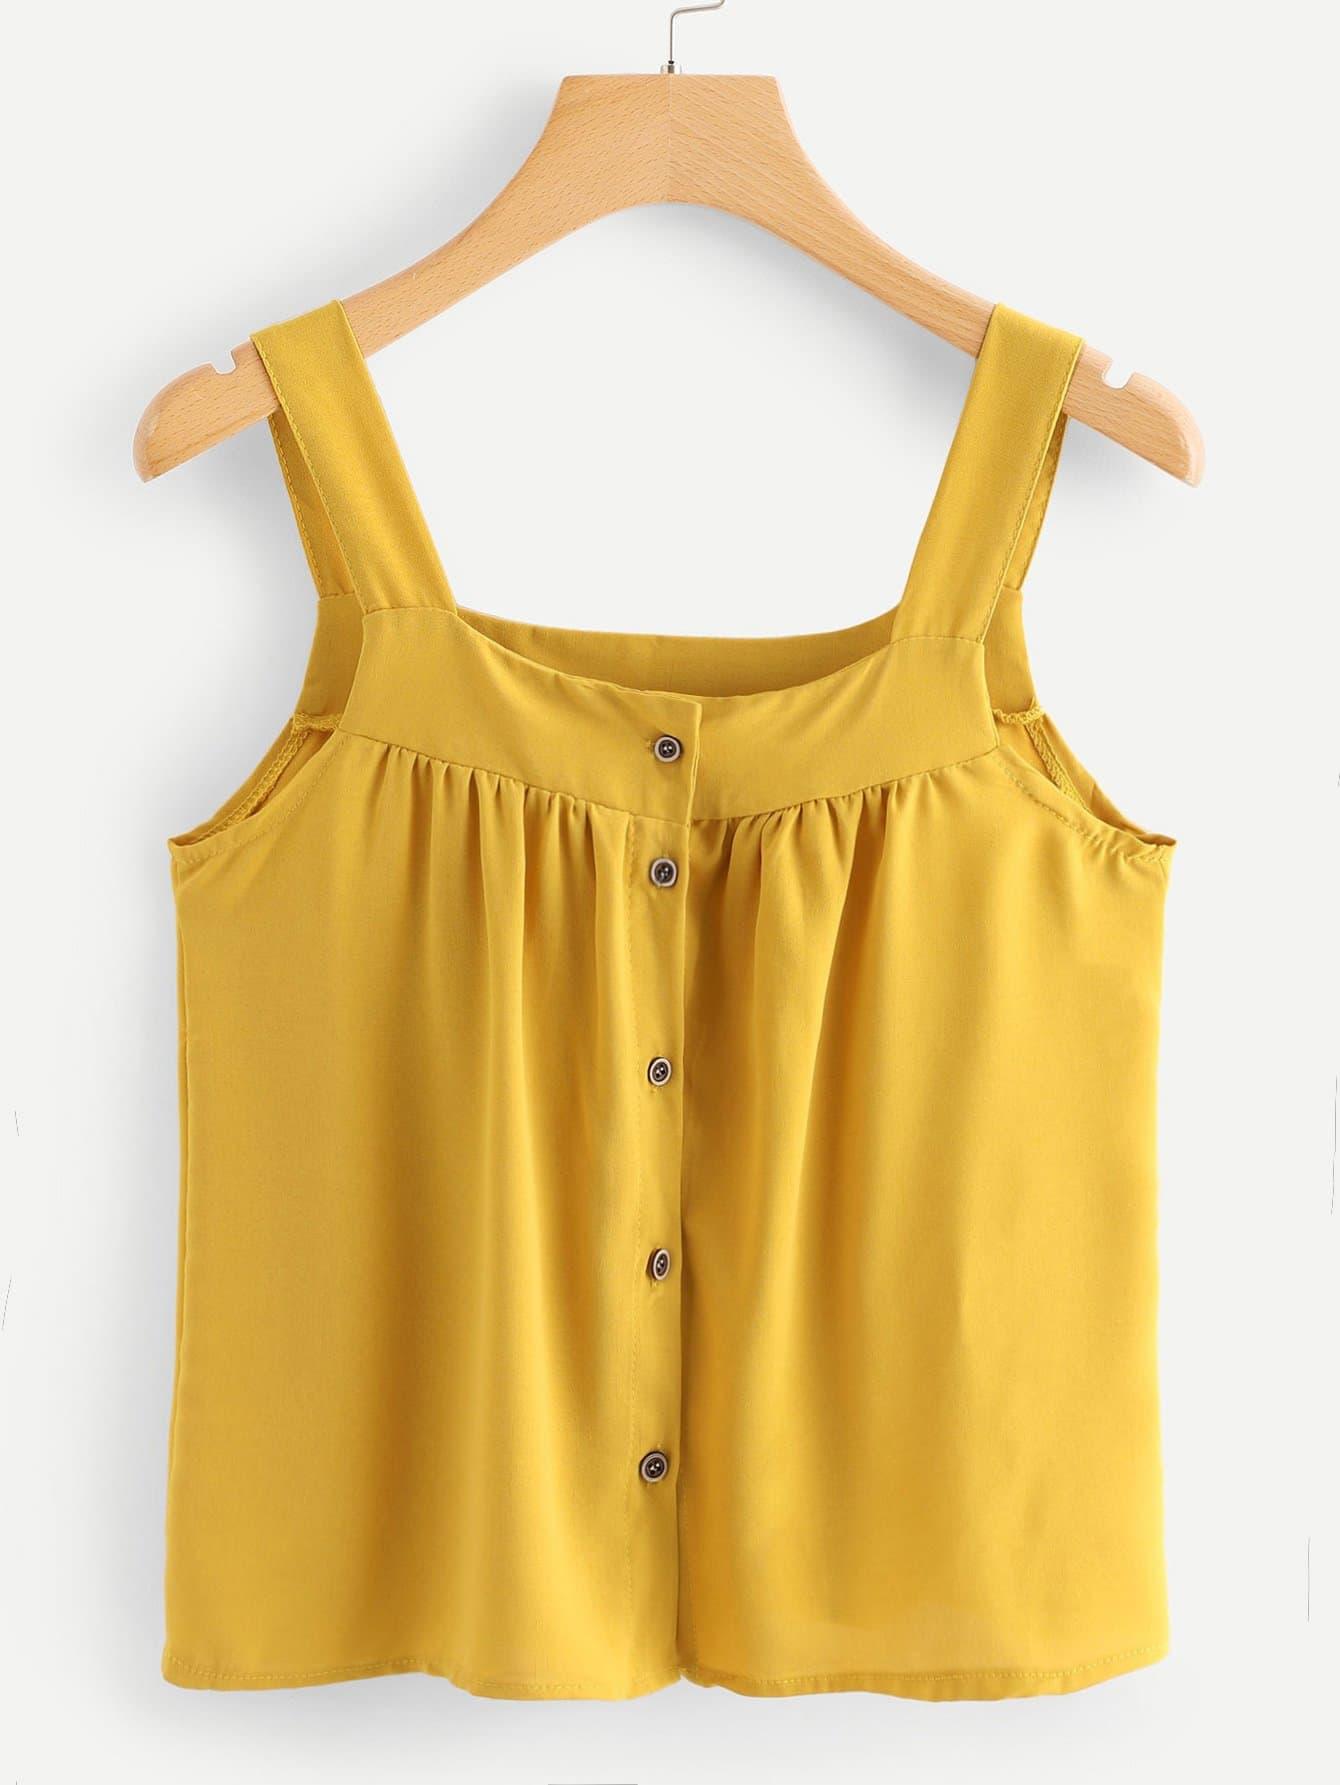 Купить Повседневный Одноцветный Пуговица Желтый Блузы+рубашки, null, SheIn